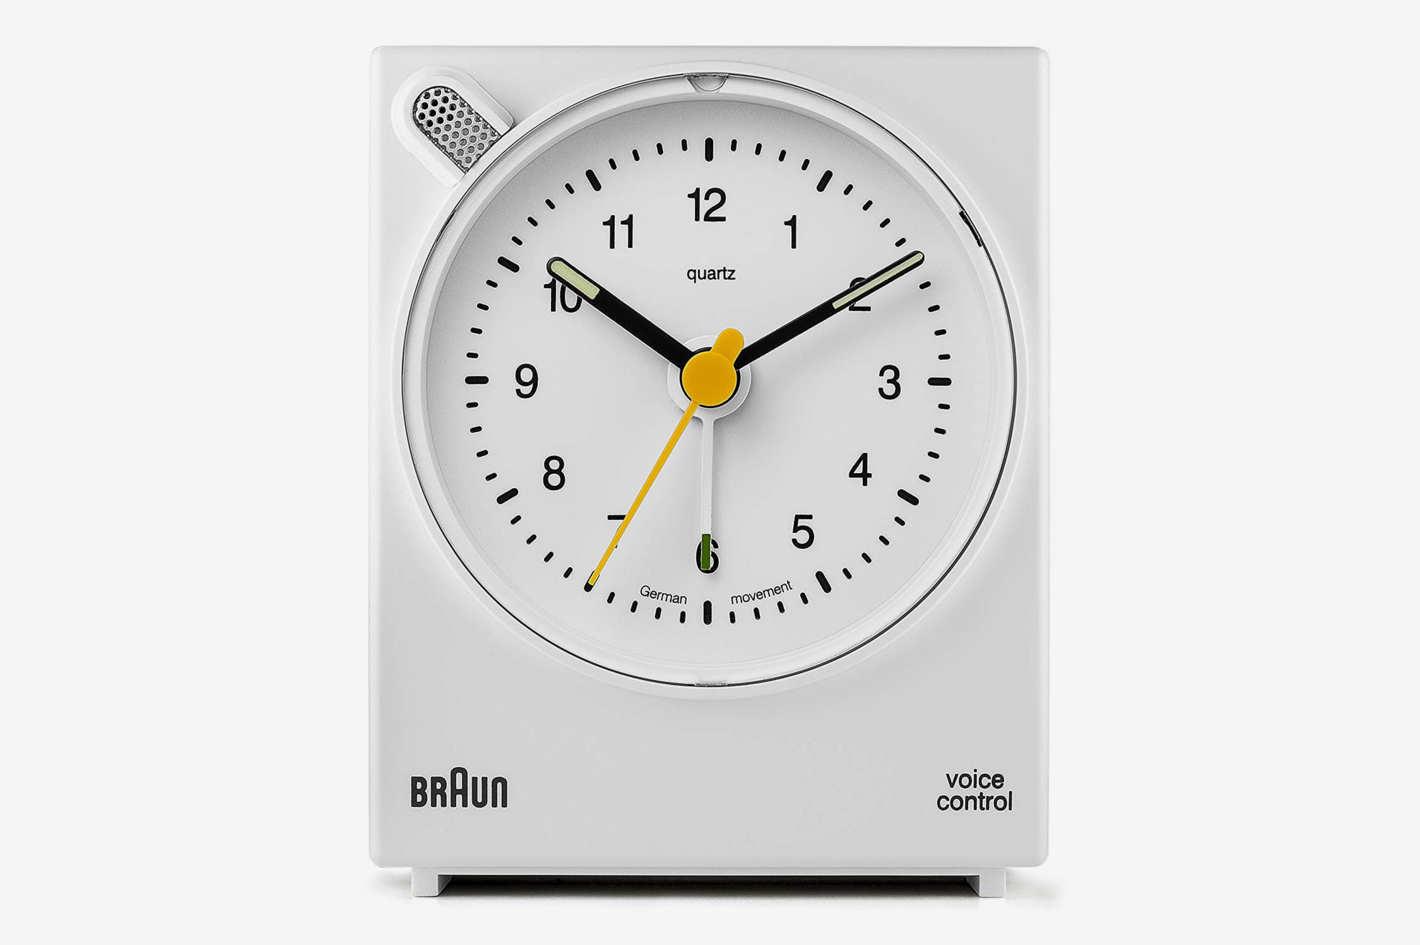 Braun Voice-Activated Alarm Clock